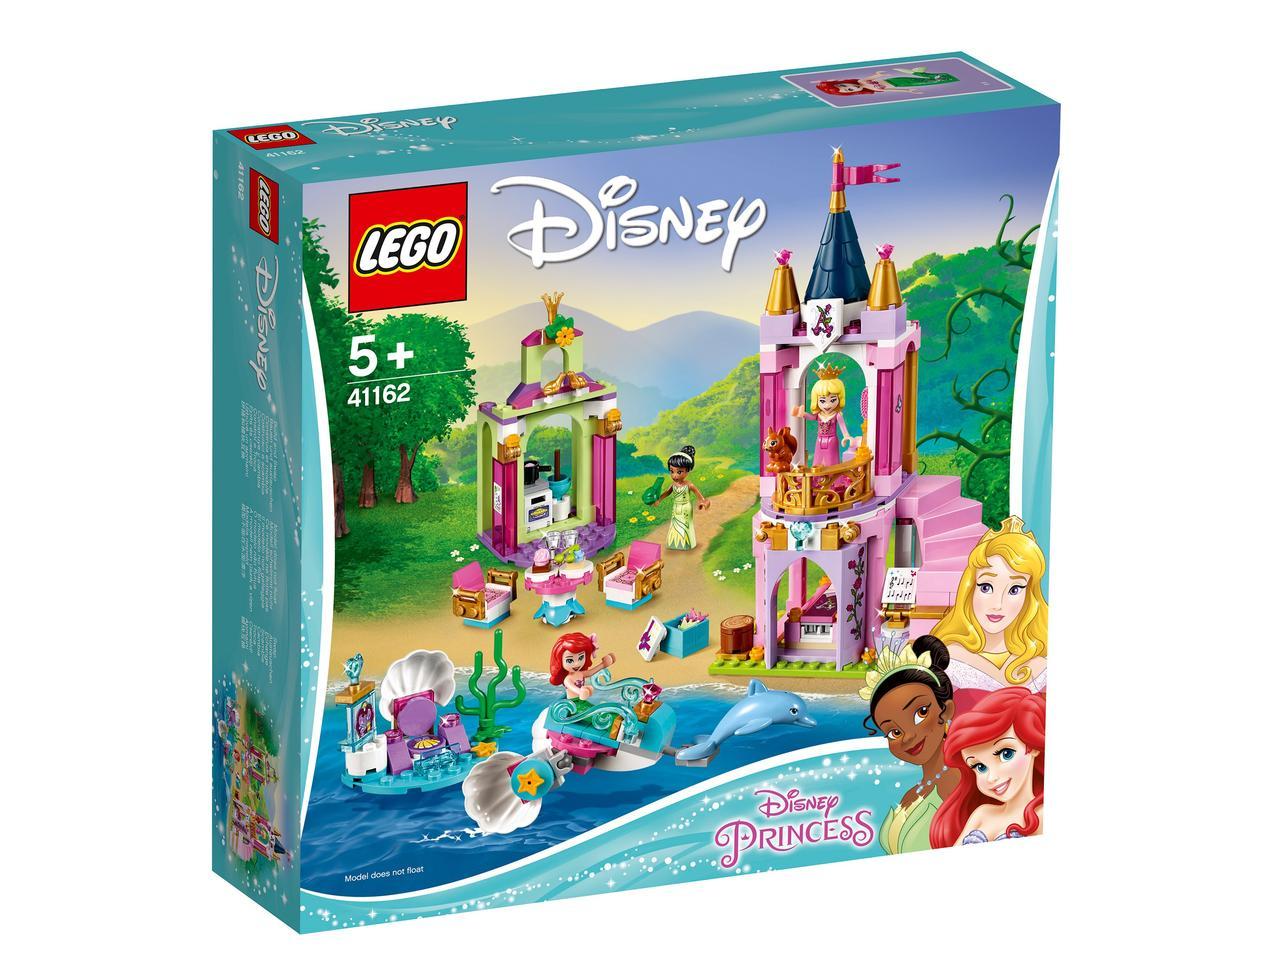 41162 Lego Disney Princess Королевский праздник Ариэль, Авроры и Тианы, Лего Принцессы Дисней